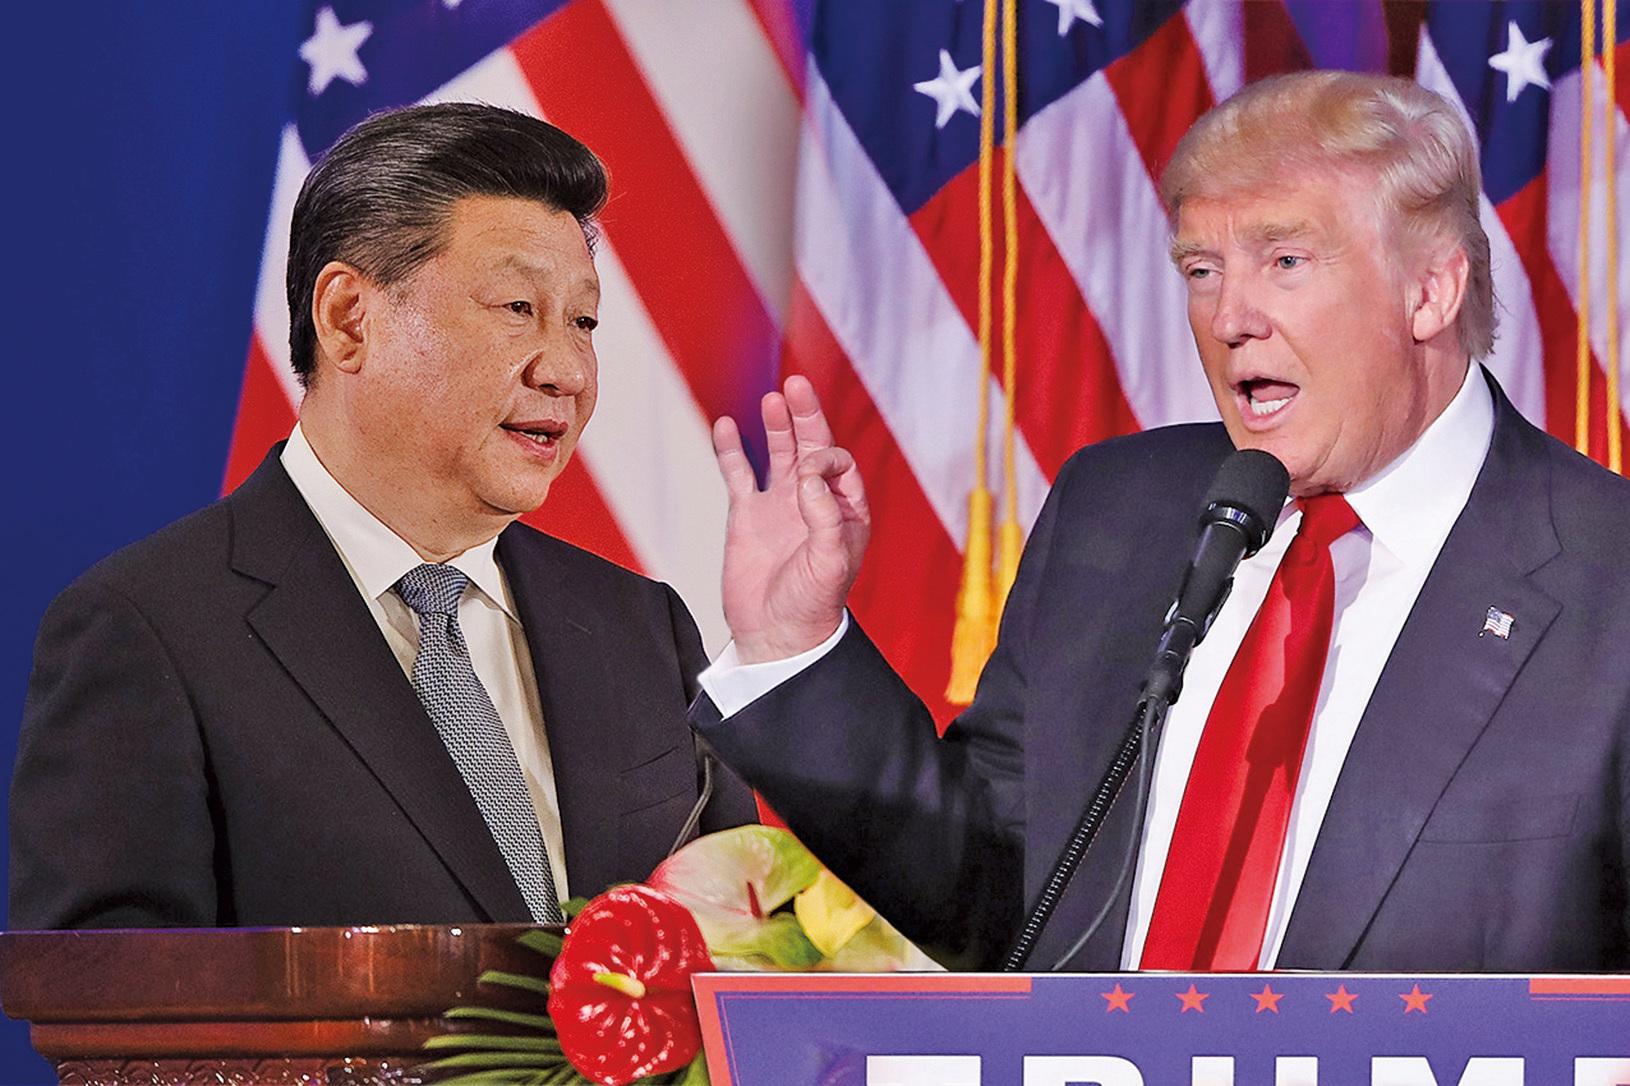 中美貿易衝突出現轉機,美國總統特朗普(右)表示將給中興通訊一條活路、中美貿易衝突將獲解決;中方則宣佈習近平(左)派特使劉鶴訪美。(大紀元合成圖)